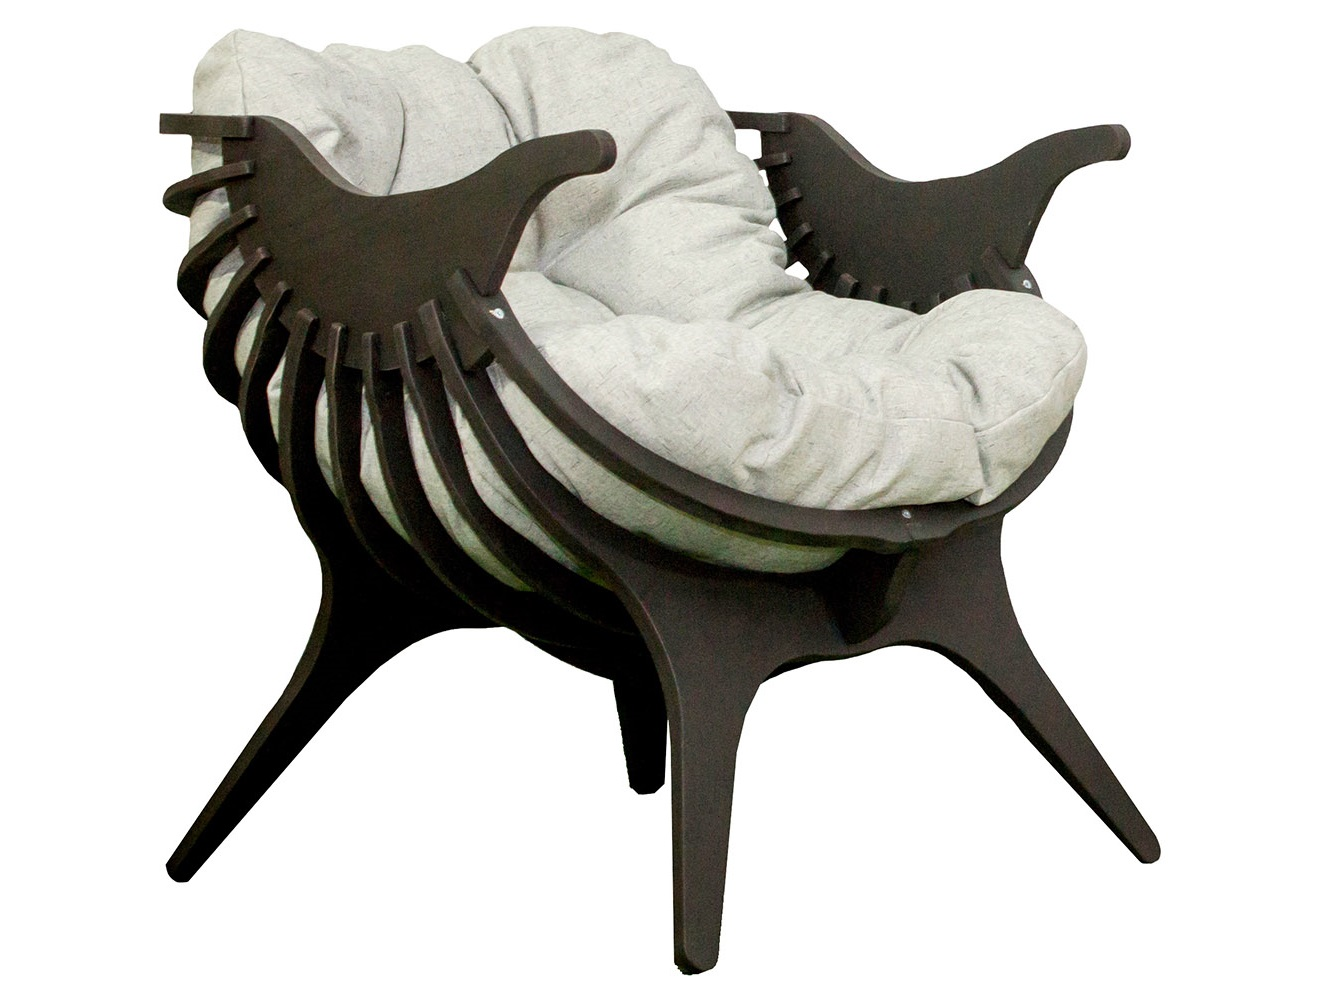 Кресло ЭндаКресла для сада<br>Деревянное кресло «Энда». Воздушная конструкция, не загромождающая даже небольшое пространство, яркий необычный дизайн, легкость и эргономичность – эта модель станет украшением гостиной или террасы, добавит тепла и уюта, поможет создать по-настоящему уникальный интерьер. А самое главное, это кресло сделает ваш отдых максимально удобным!Подушка в комплекте.<br><br>kit: None<br>gender: None